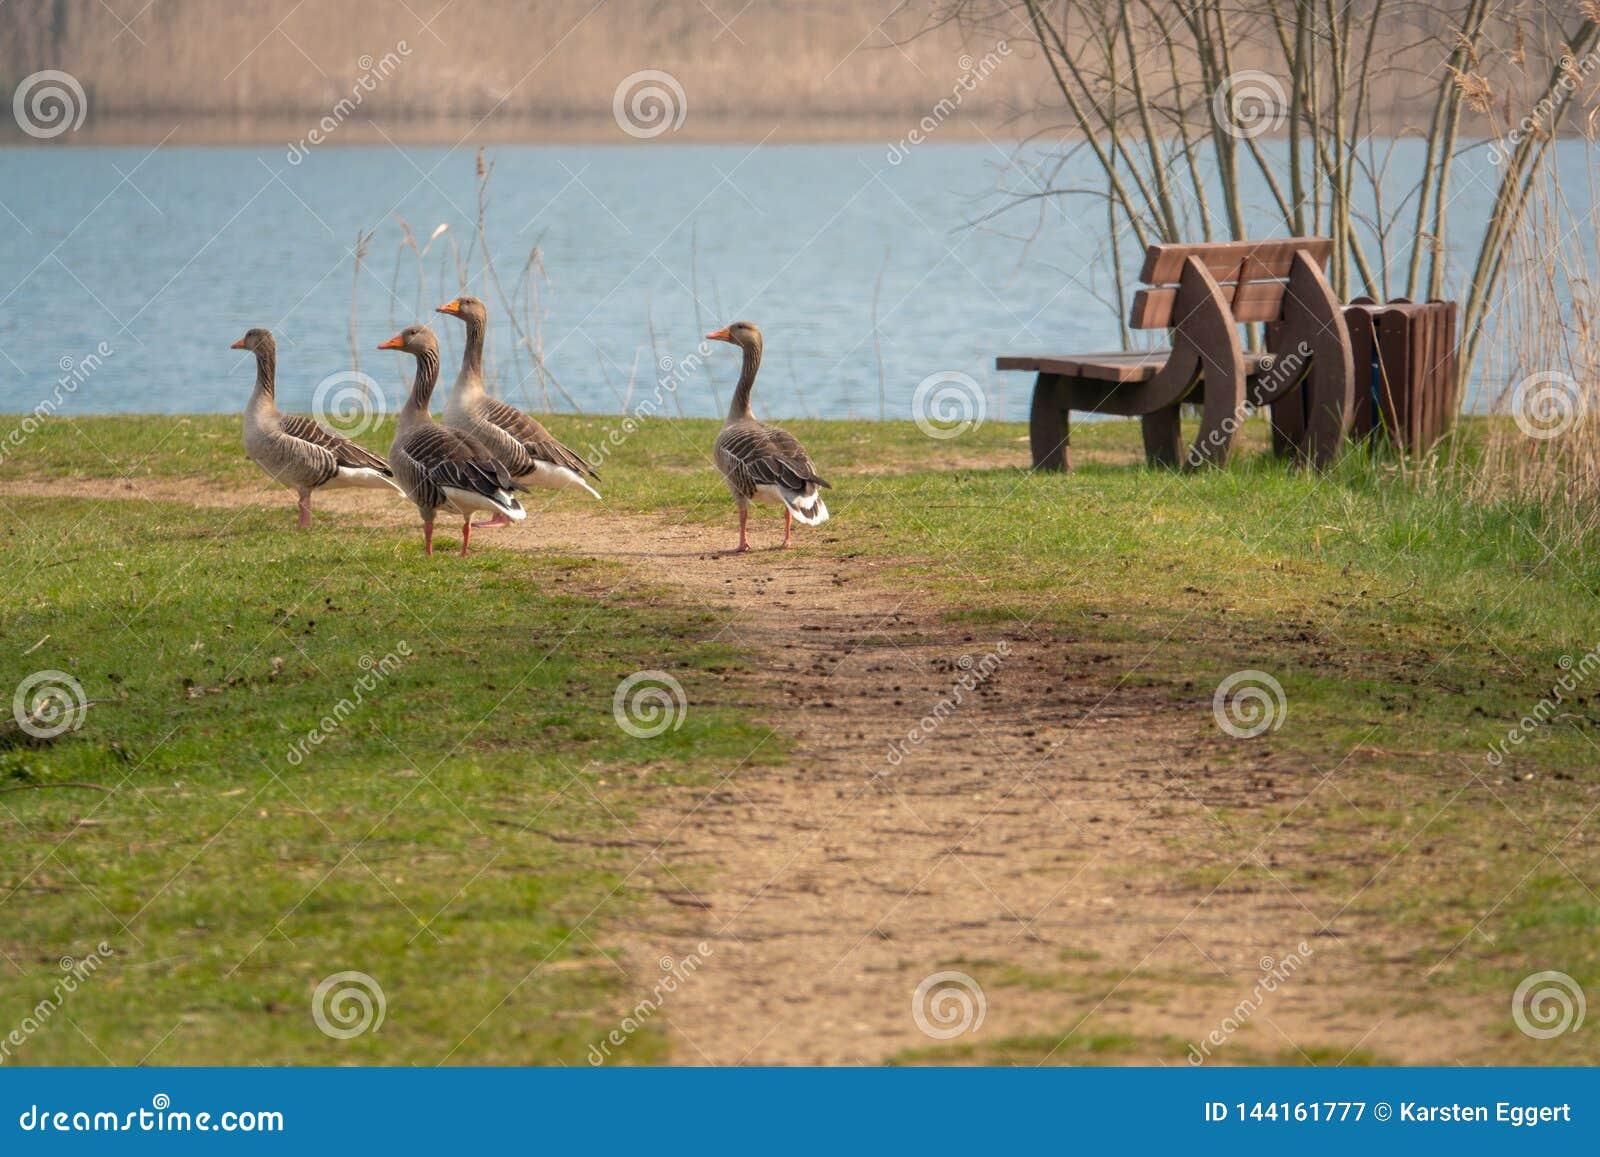 Gruppe Graugansgänse, die auf einem Weg und einem Rattern stehen